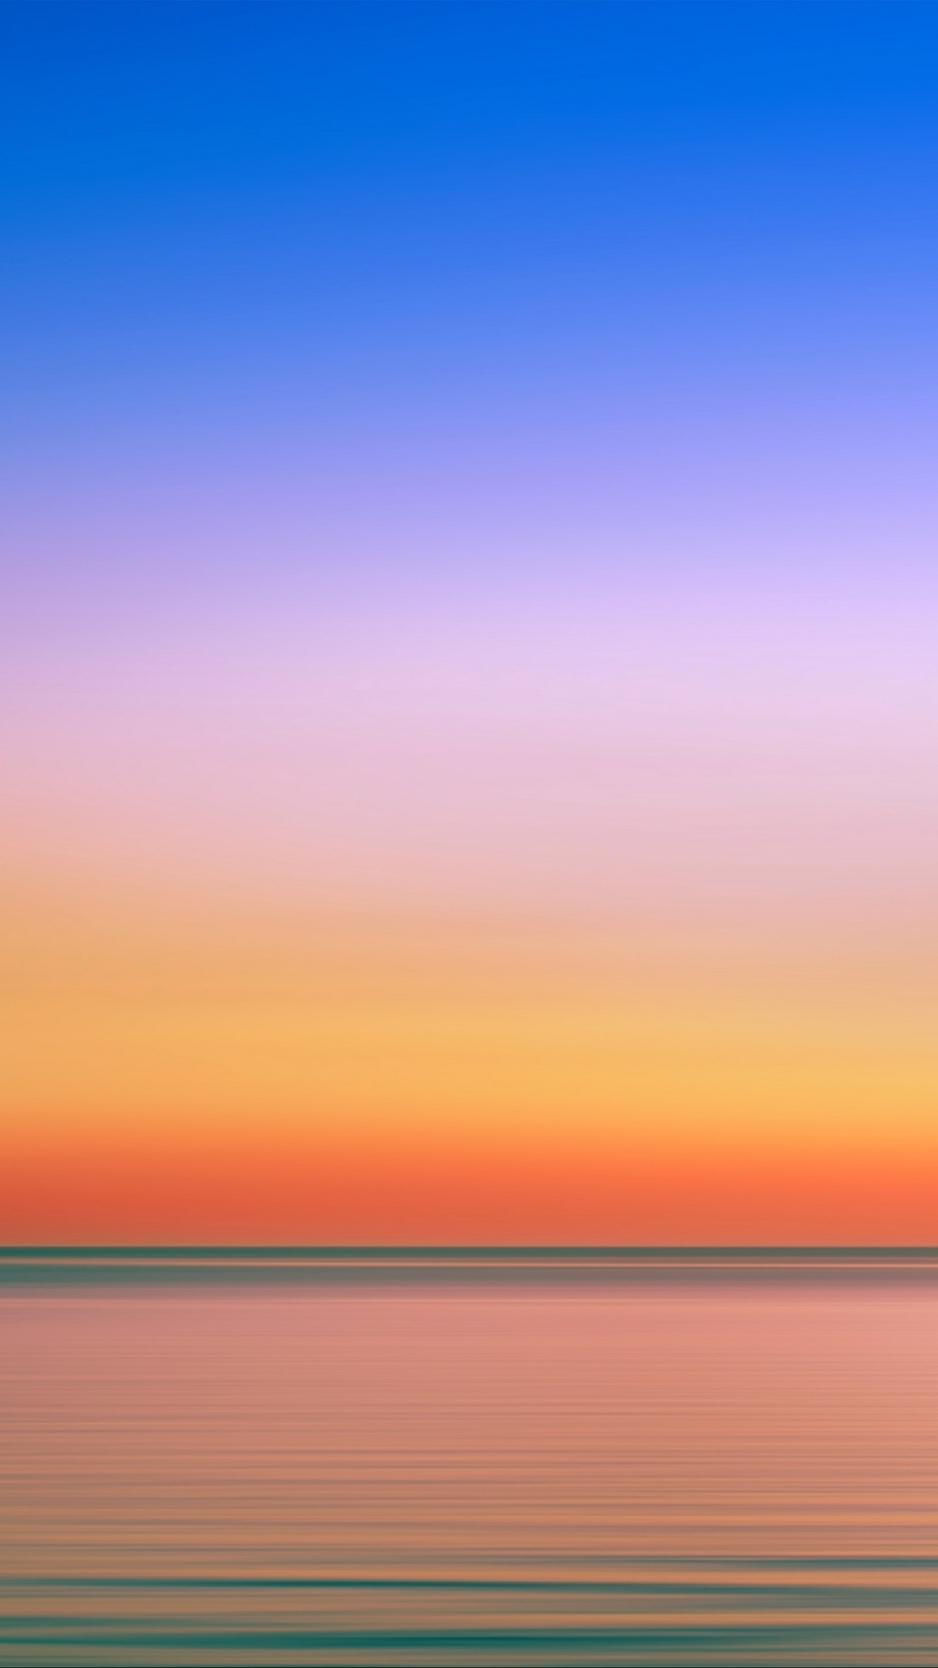 Bộ ảnh nền minimalist chủ đề bình minh đẹp cho iPhone